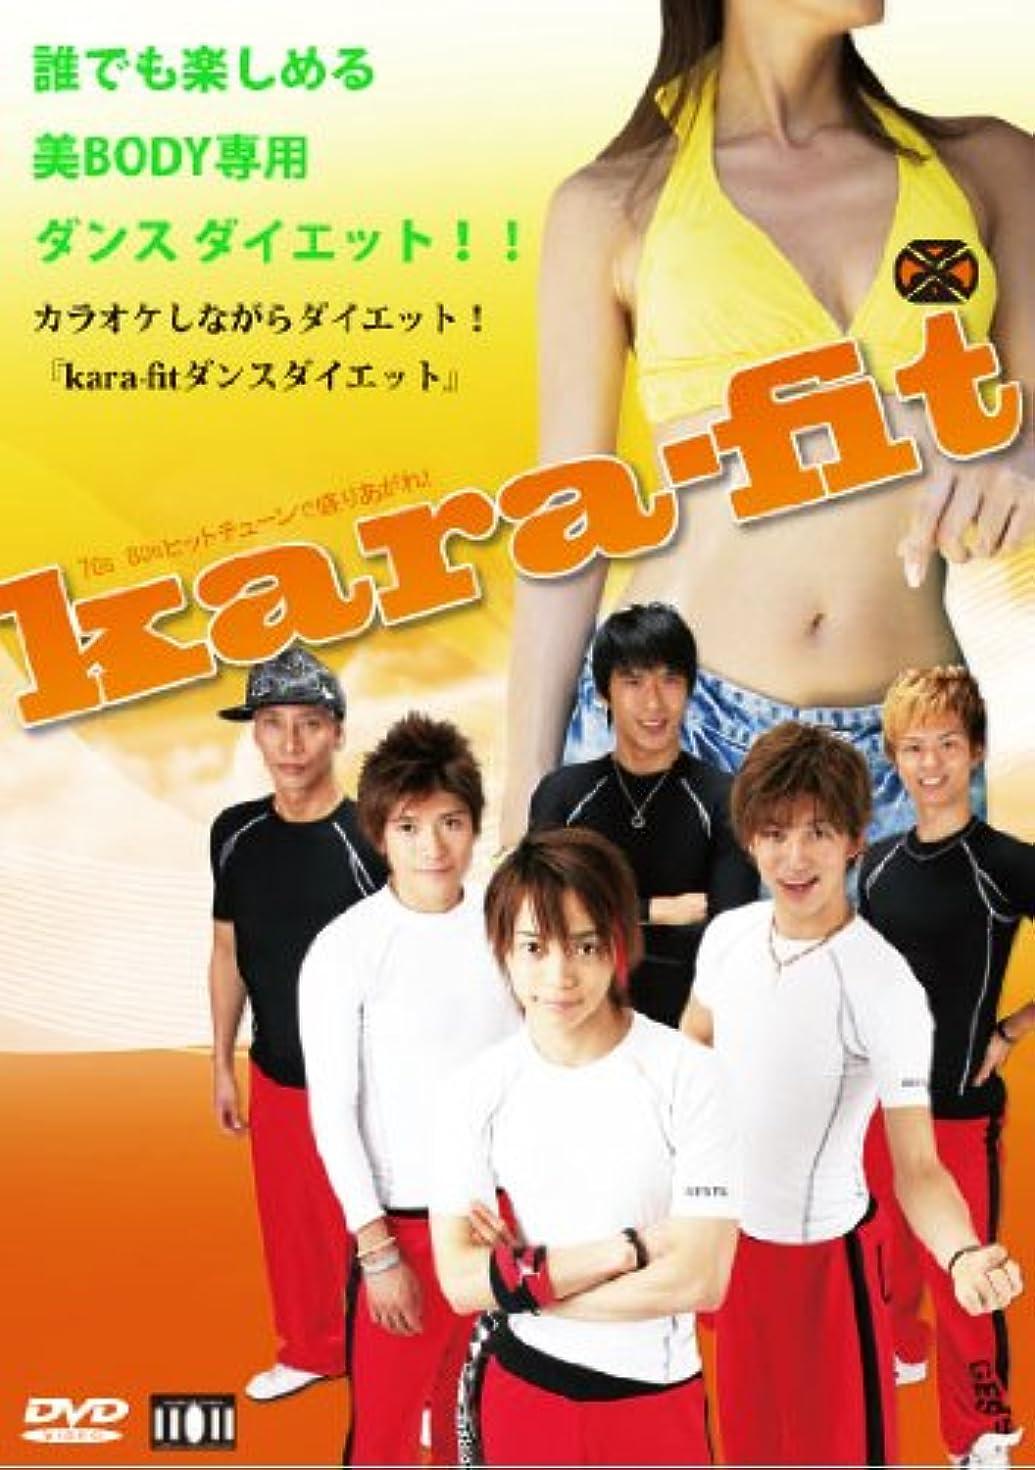 追記燃やす組カラオケによるフィットネス!kara-fit(カラフィット)ダンスダイエット3枚組コンプリートセットDVD